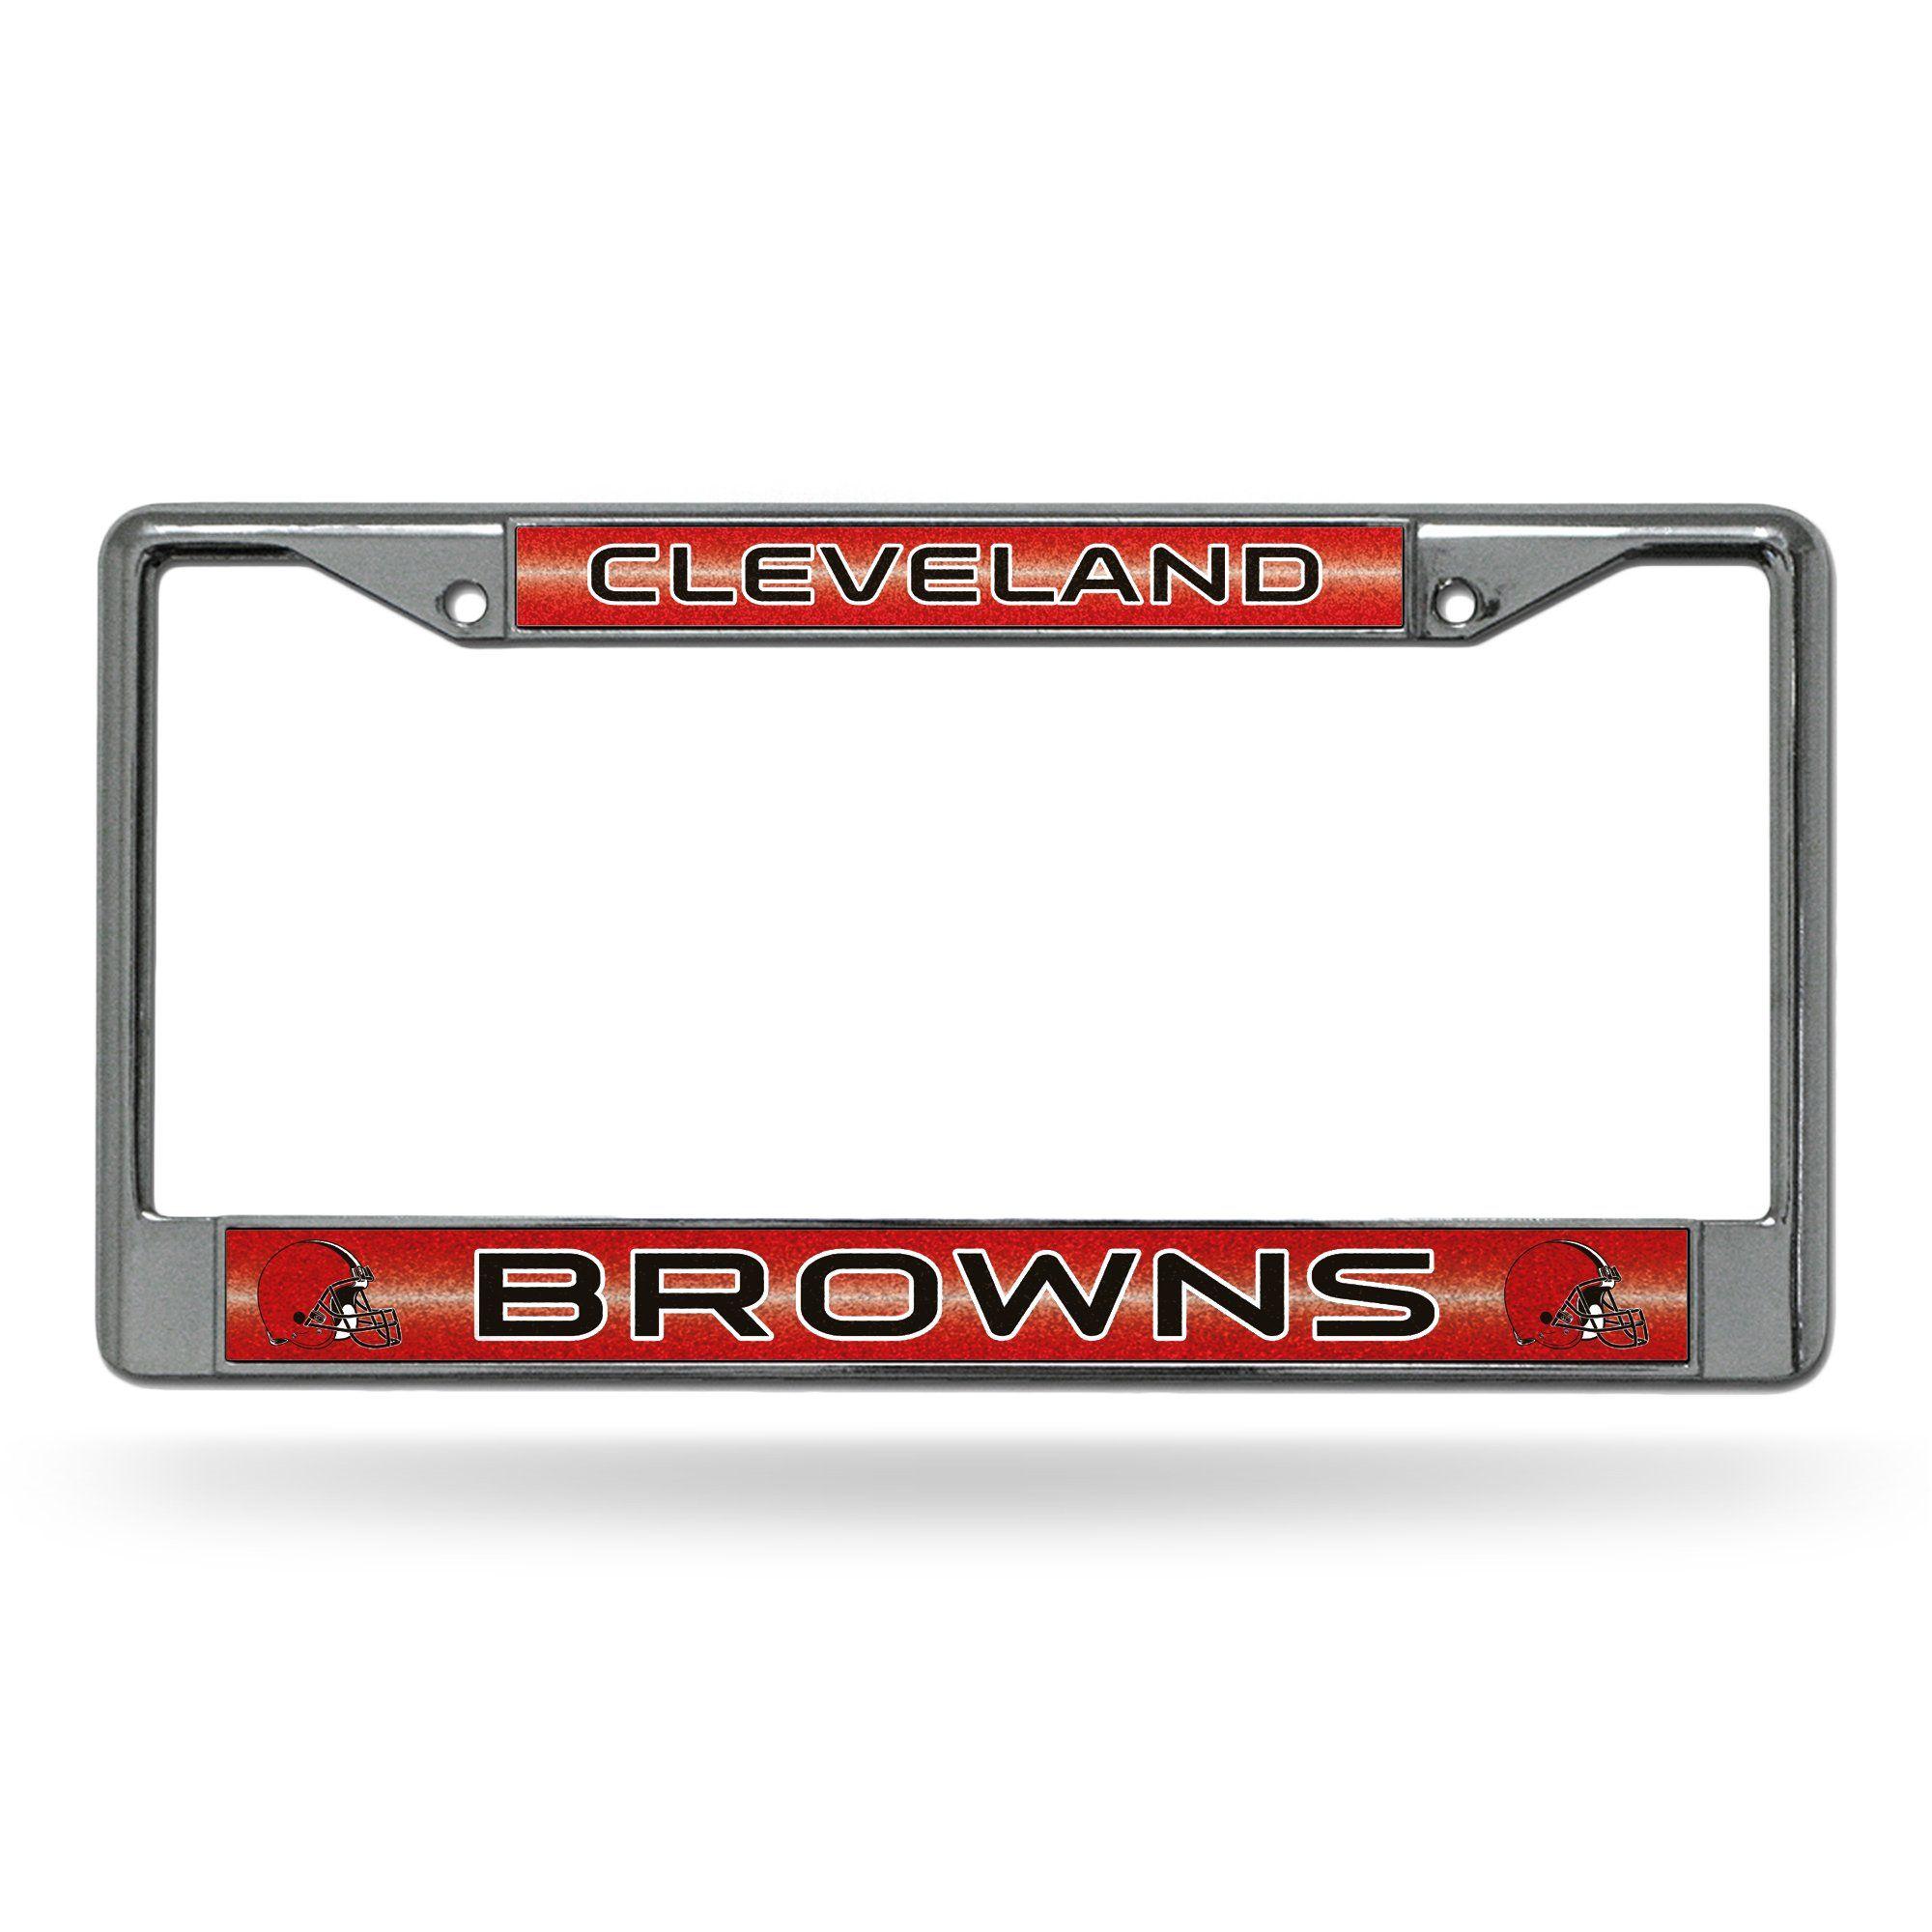 Browns Bling Chrome Frame Bling license plate frames